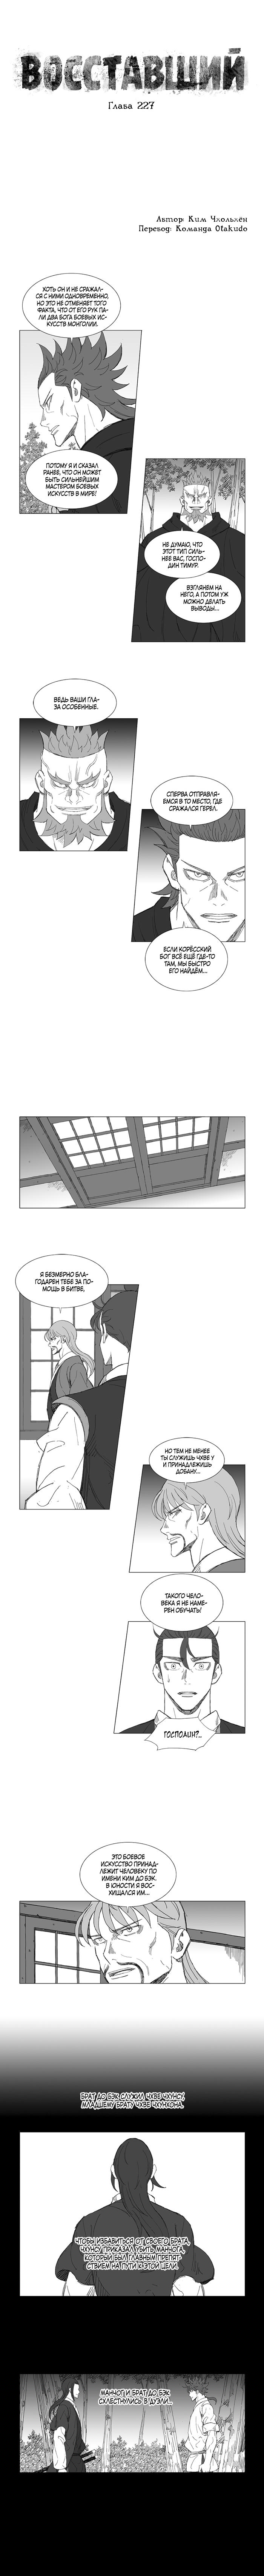 https://r2.ninemanga.com/comics/pic4/39/28263/1343352/1558200737179.png Page 1